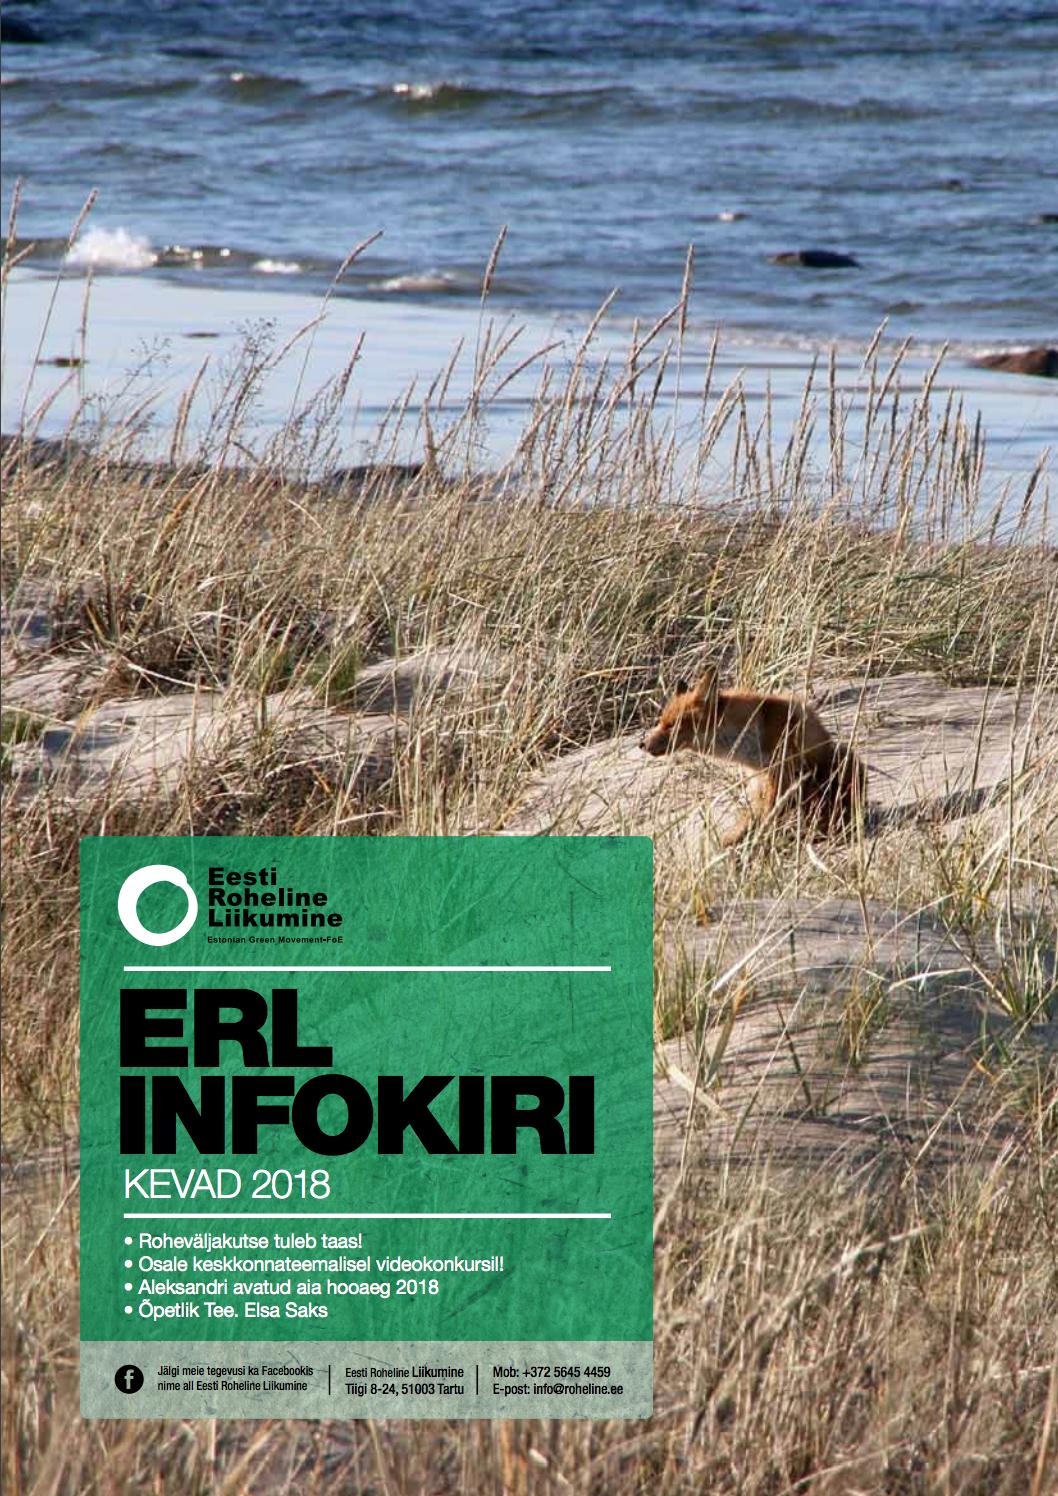 ERL-infokiri-kevad-2018_elsa-saks